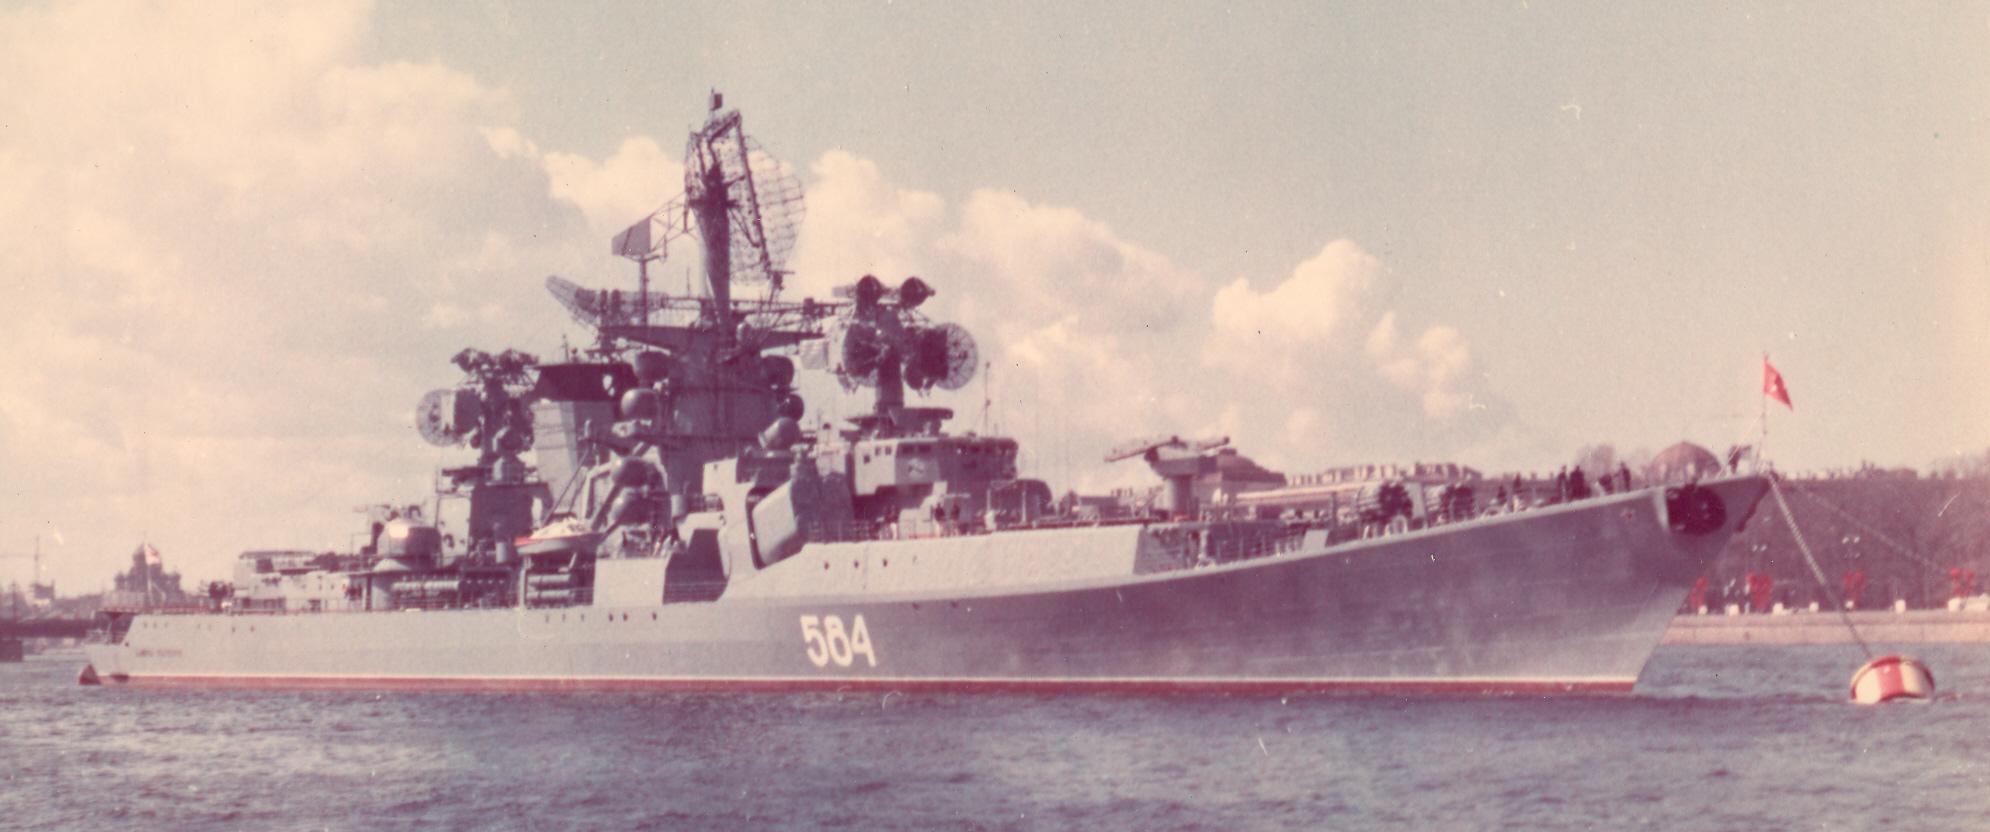 бпк адмирал исаков фото превращаются нечто